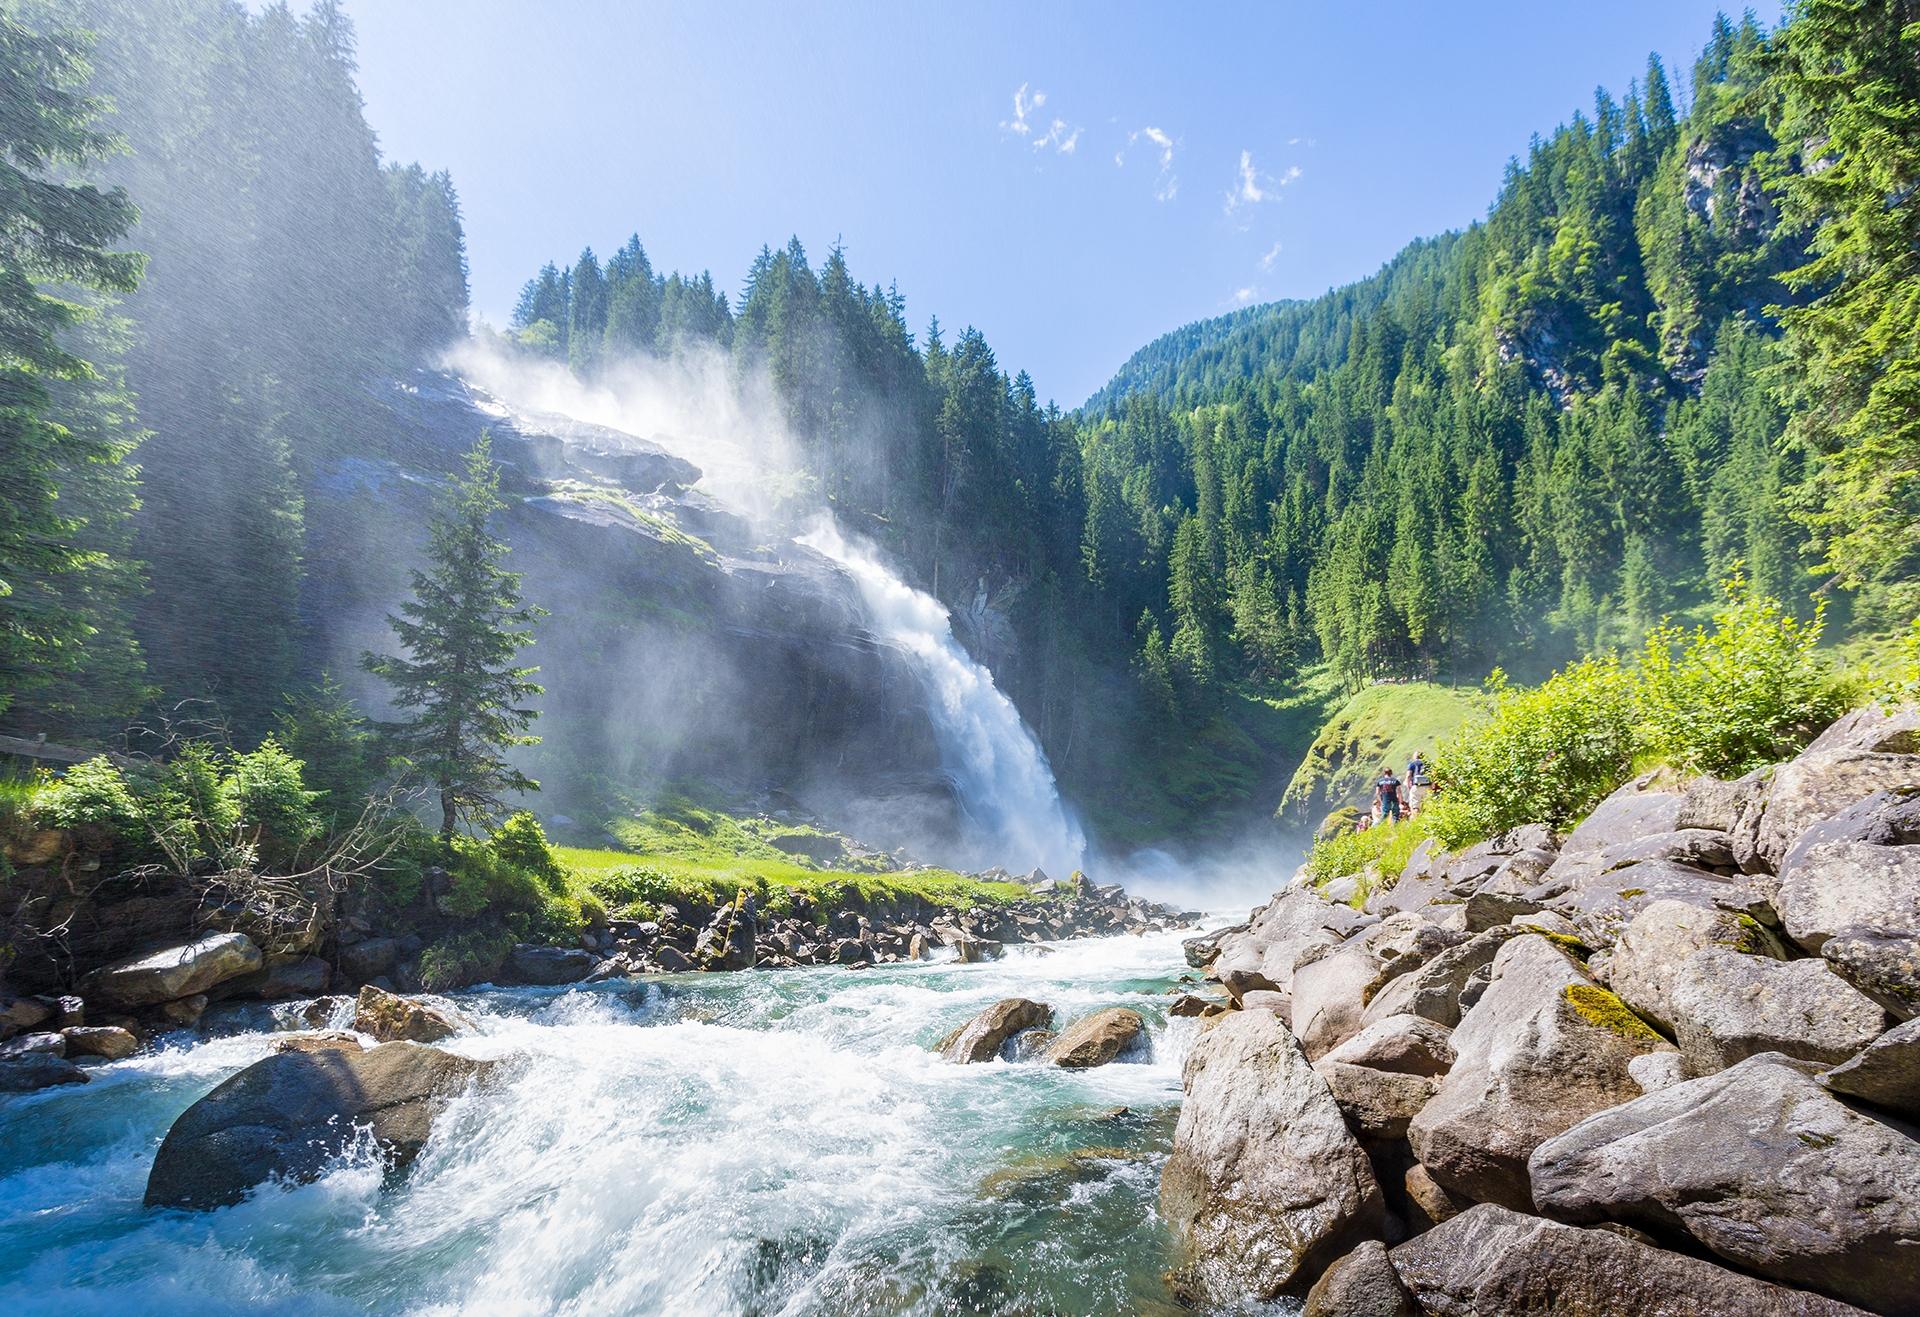 The-Krimml-Waterfalls-in-the-High-Tauern-National-Park-Salzburg-Austria